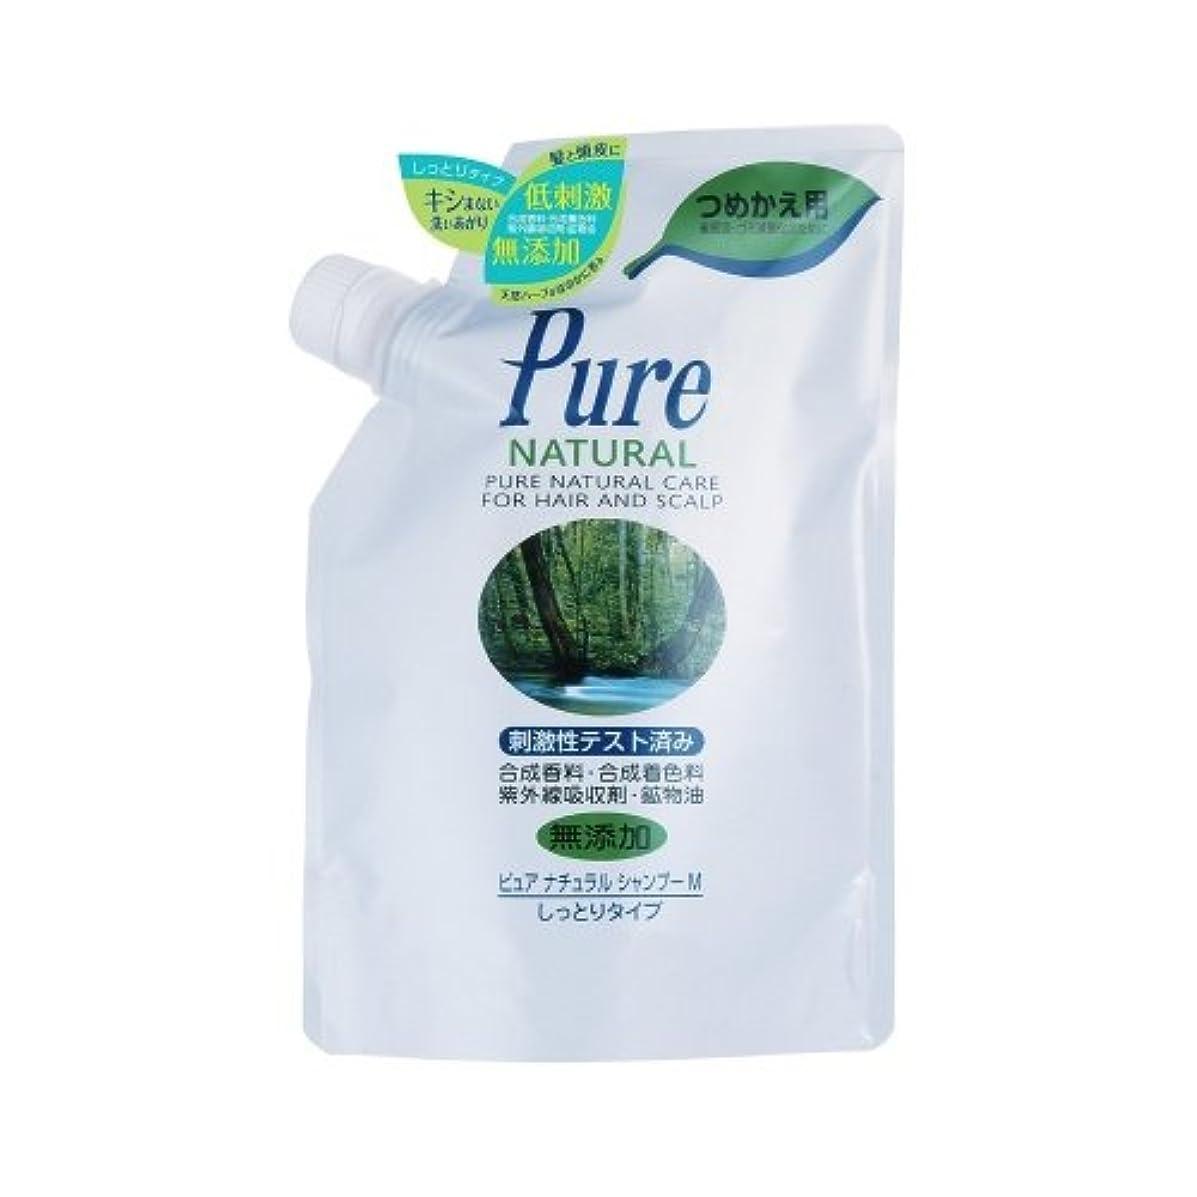 悪化させる地中海肌Pure NATURAL(ピュアナチュラル) シャンプー M (しっとりタイプ) 詰替用400ml